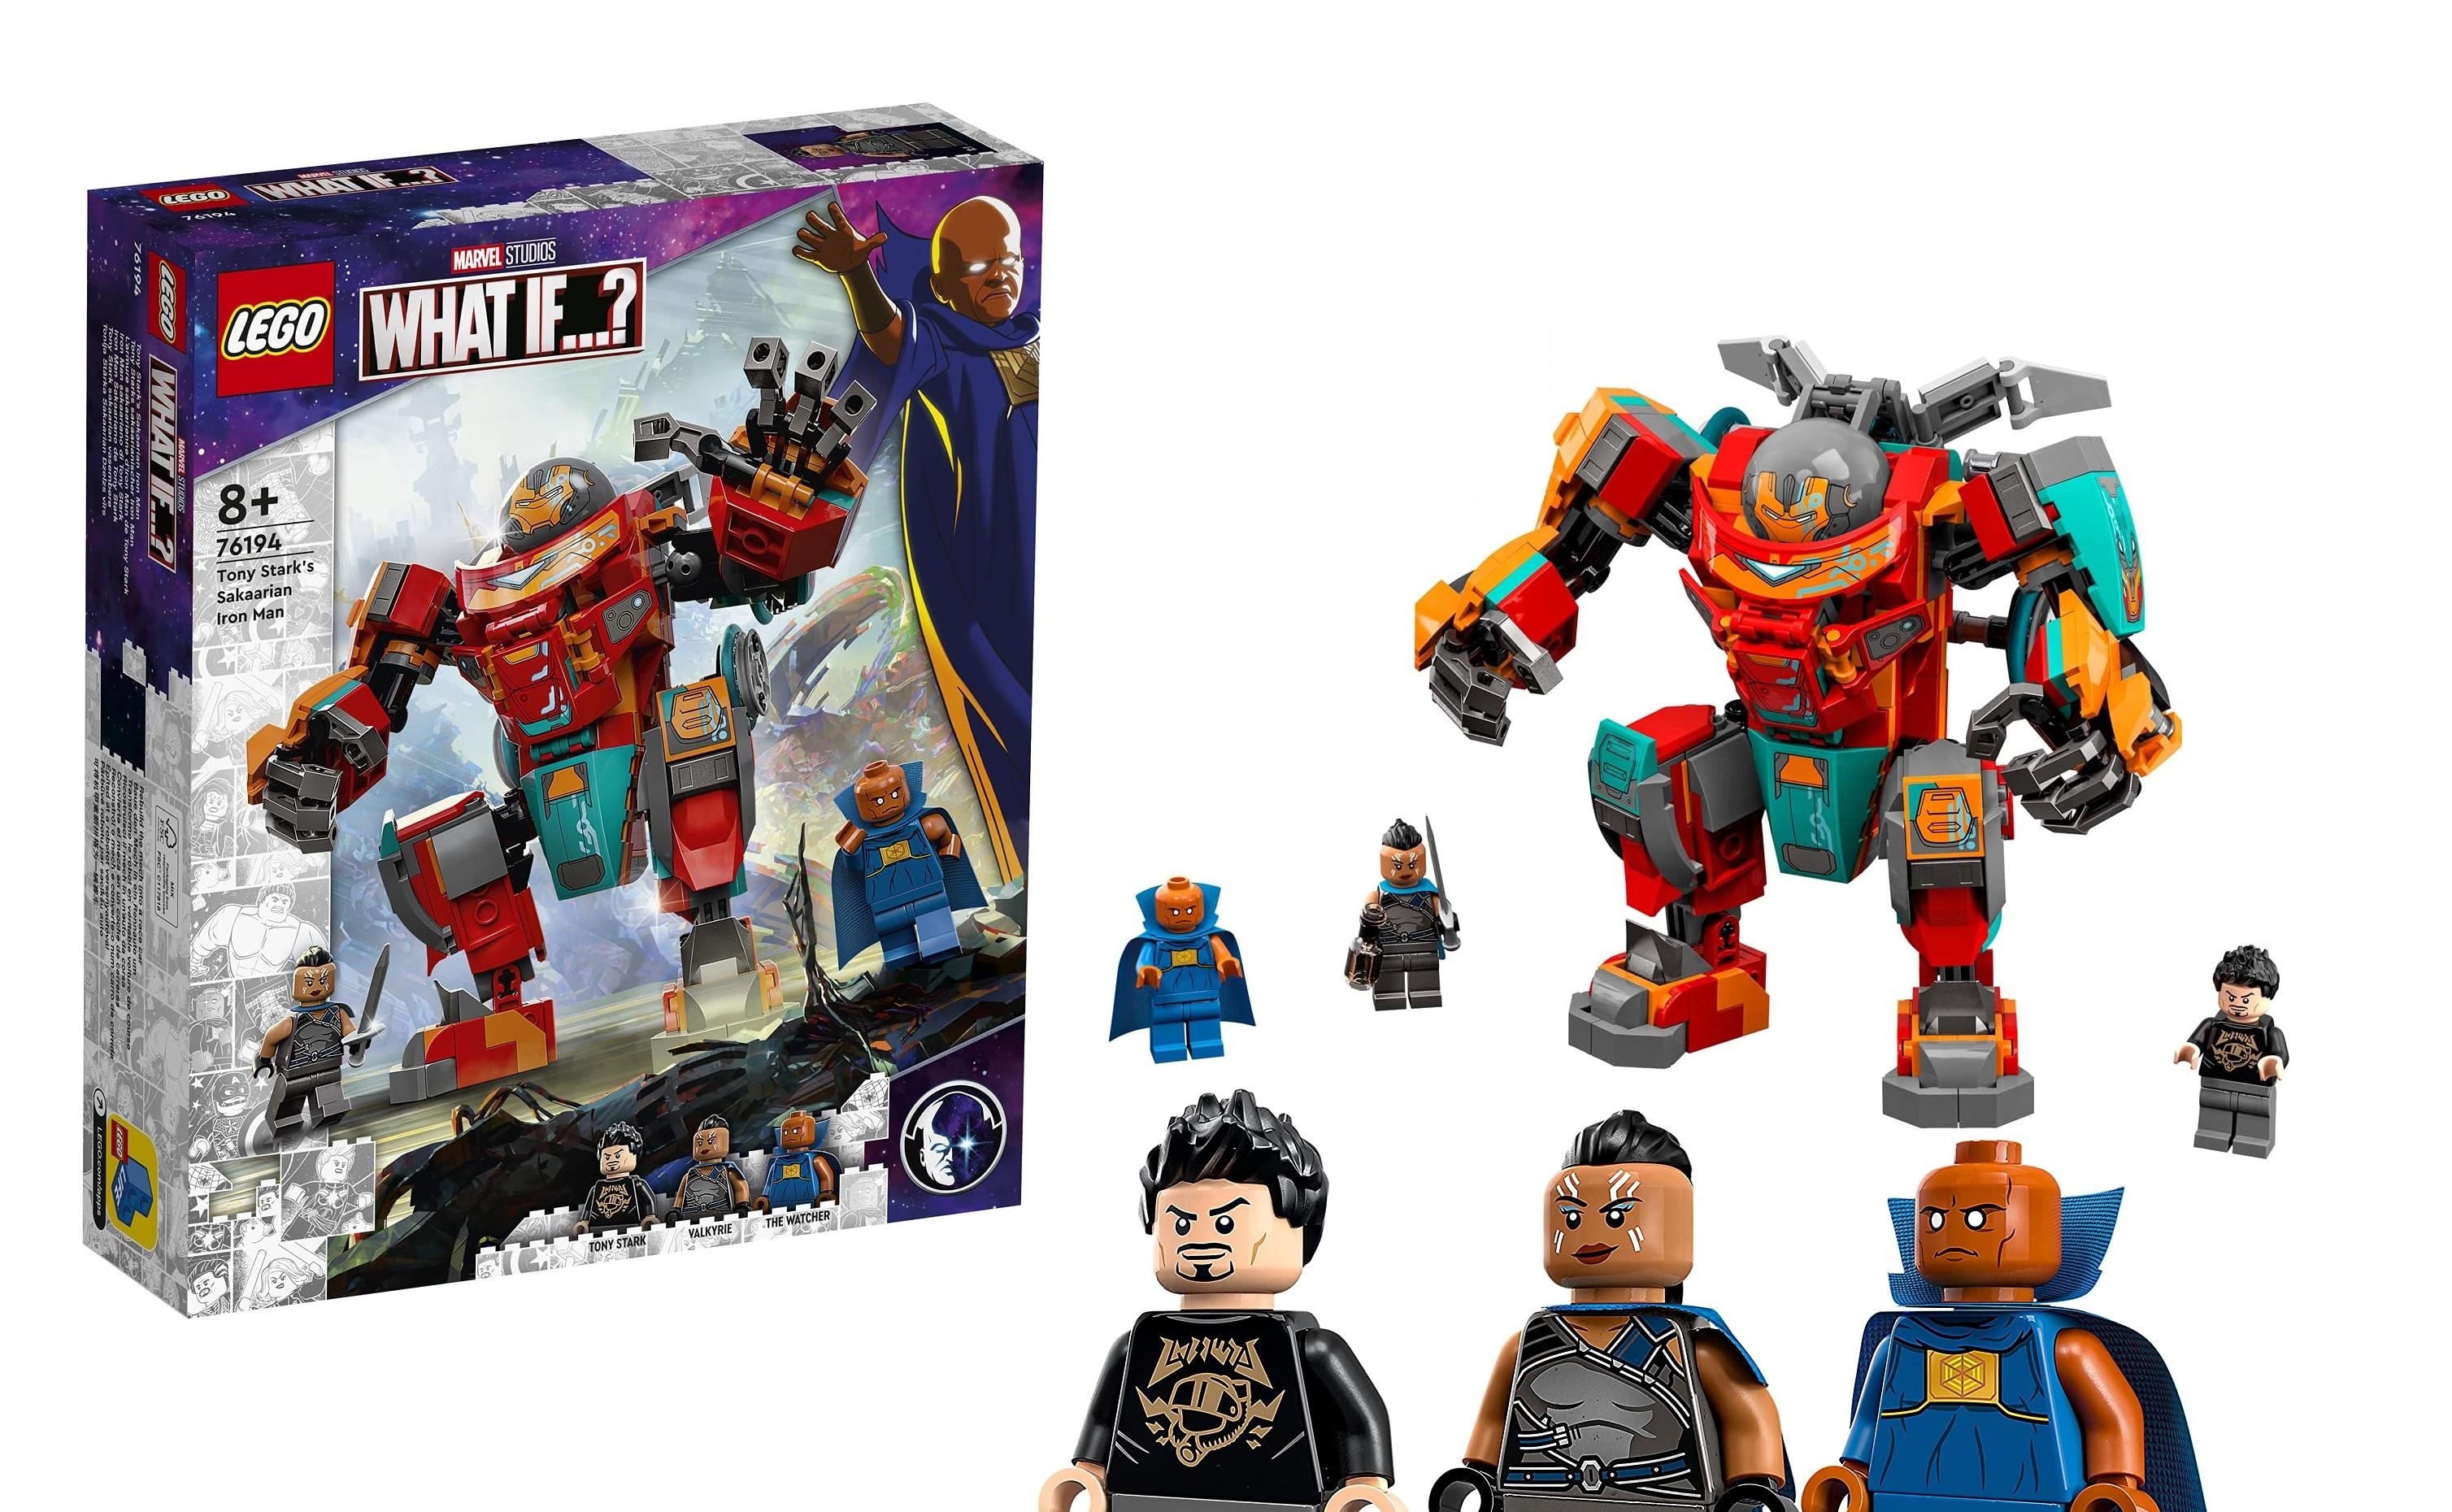 LEGO Marvel What If...? set revealed! 76194 Tony Stark's Sakaarian Iron Man - Jay's Brick Blog